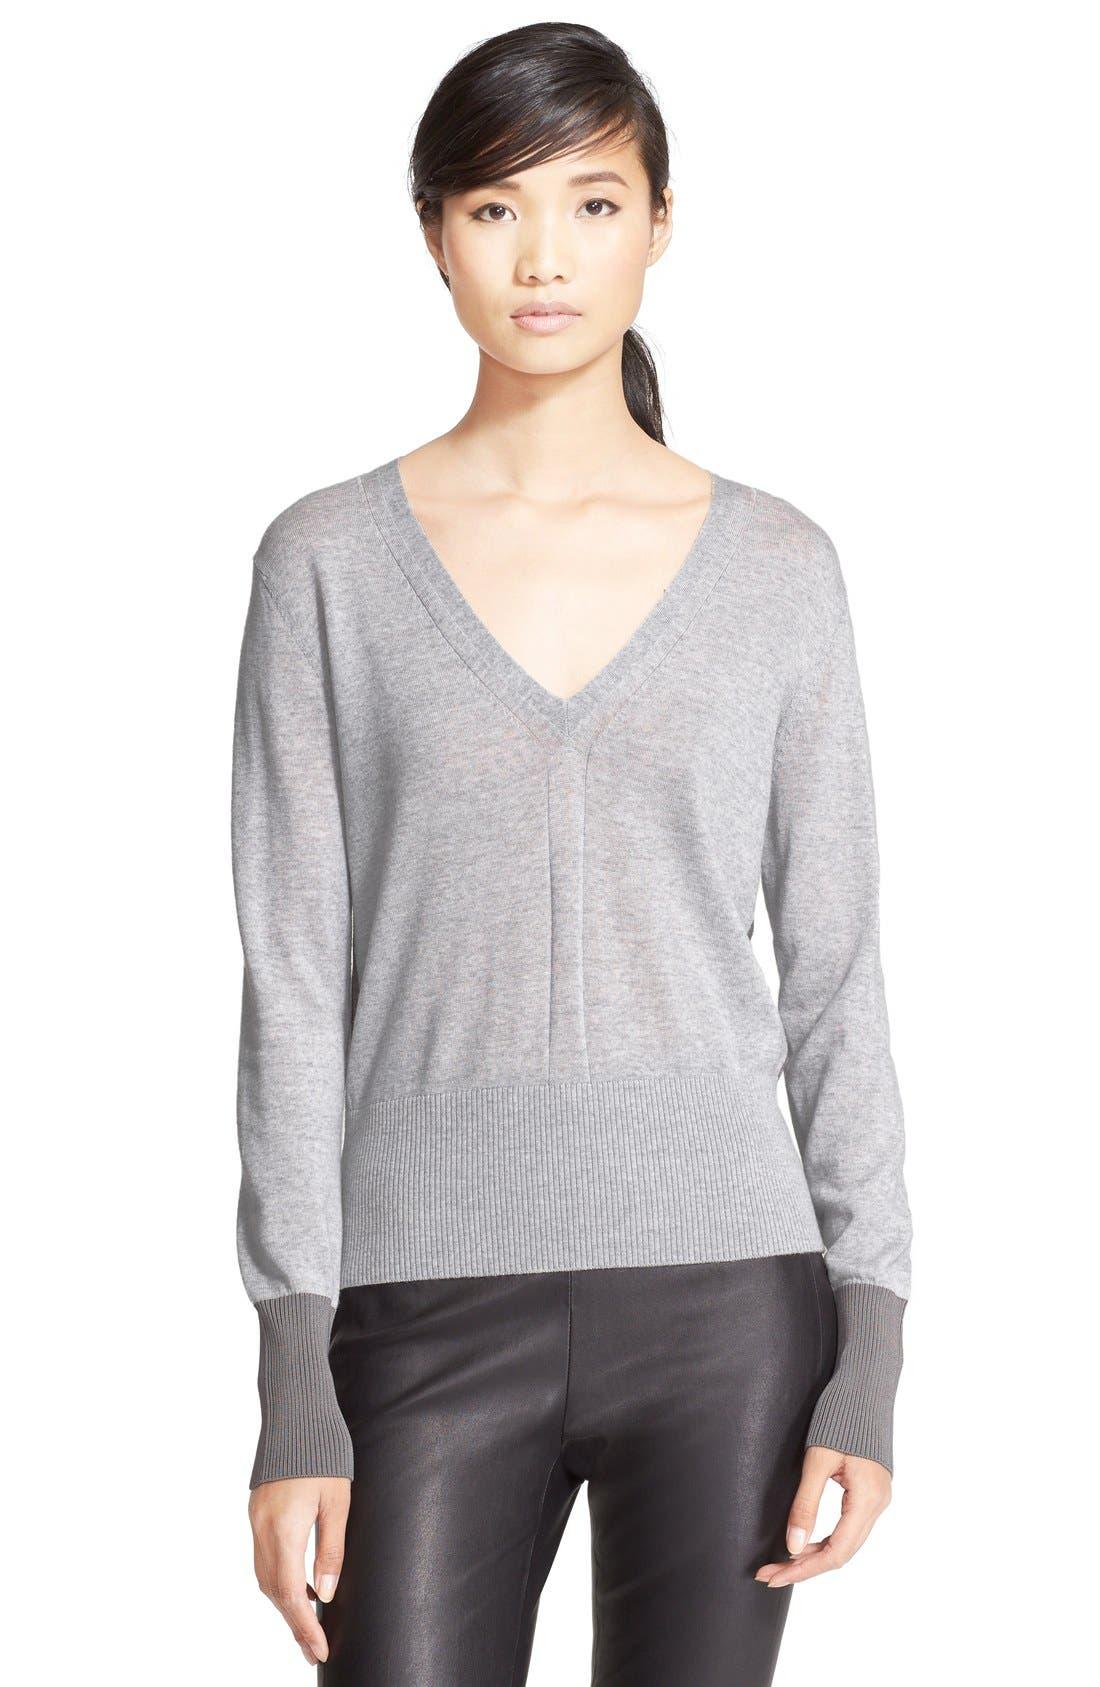 Main Image - rag & bone 'Jessica' Merino Wool V-Neck Sweater